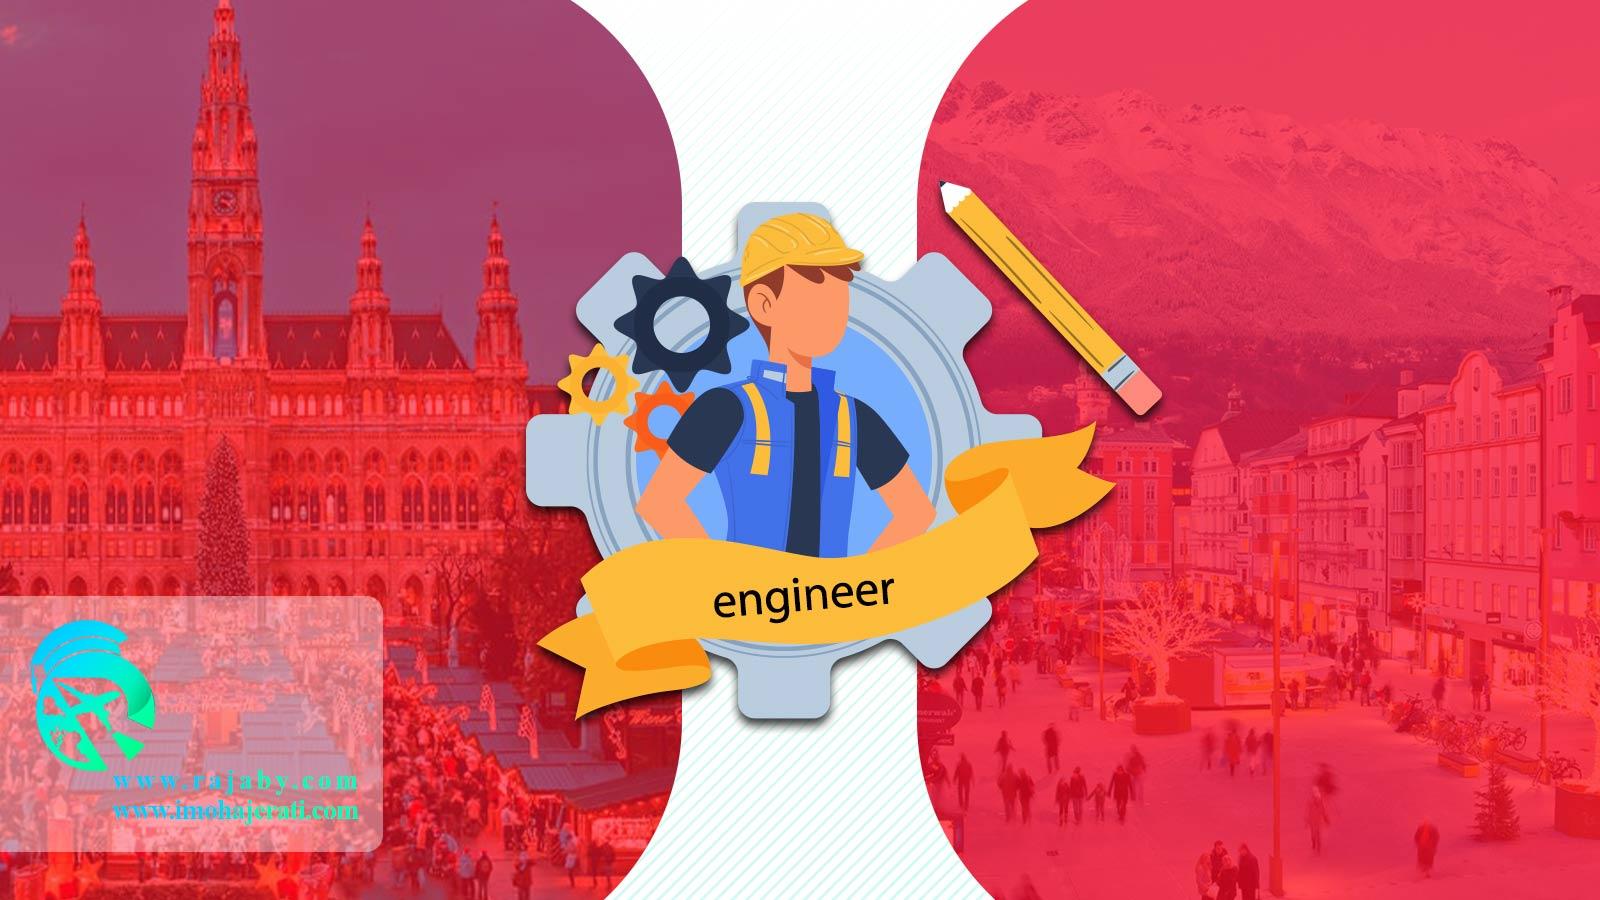 تحصیل رشته های مهندسی در اتریش